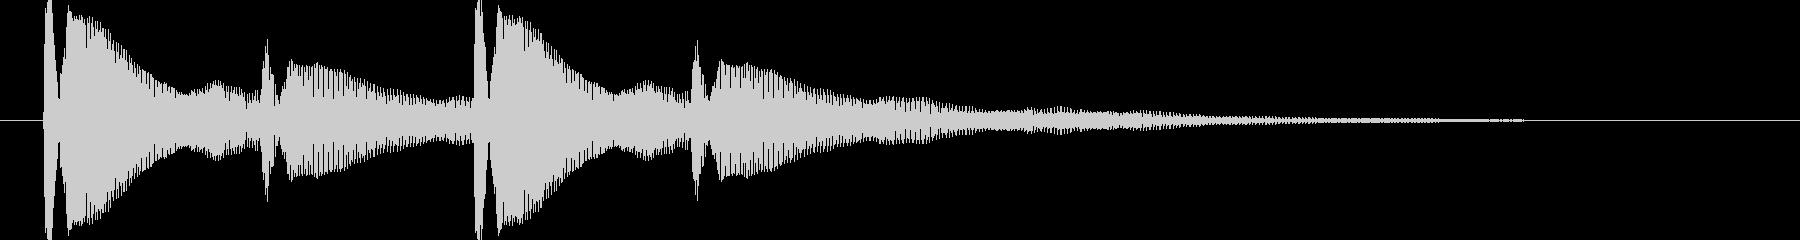 ピンポンピンポン【耳当たりのいい正解音】の未再生の波形